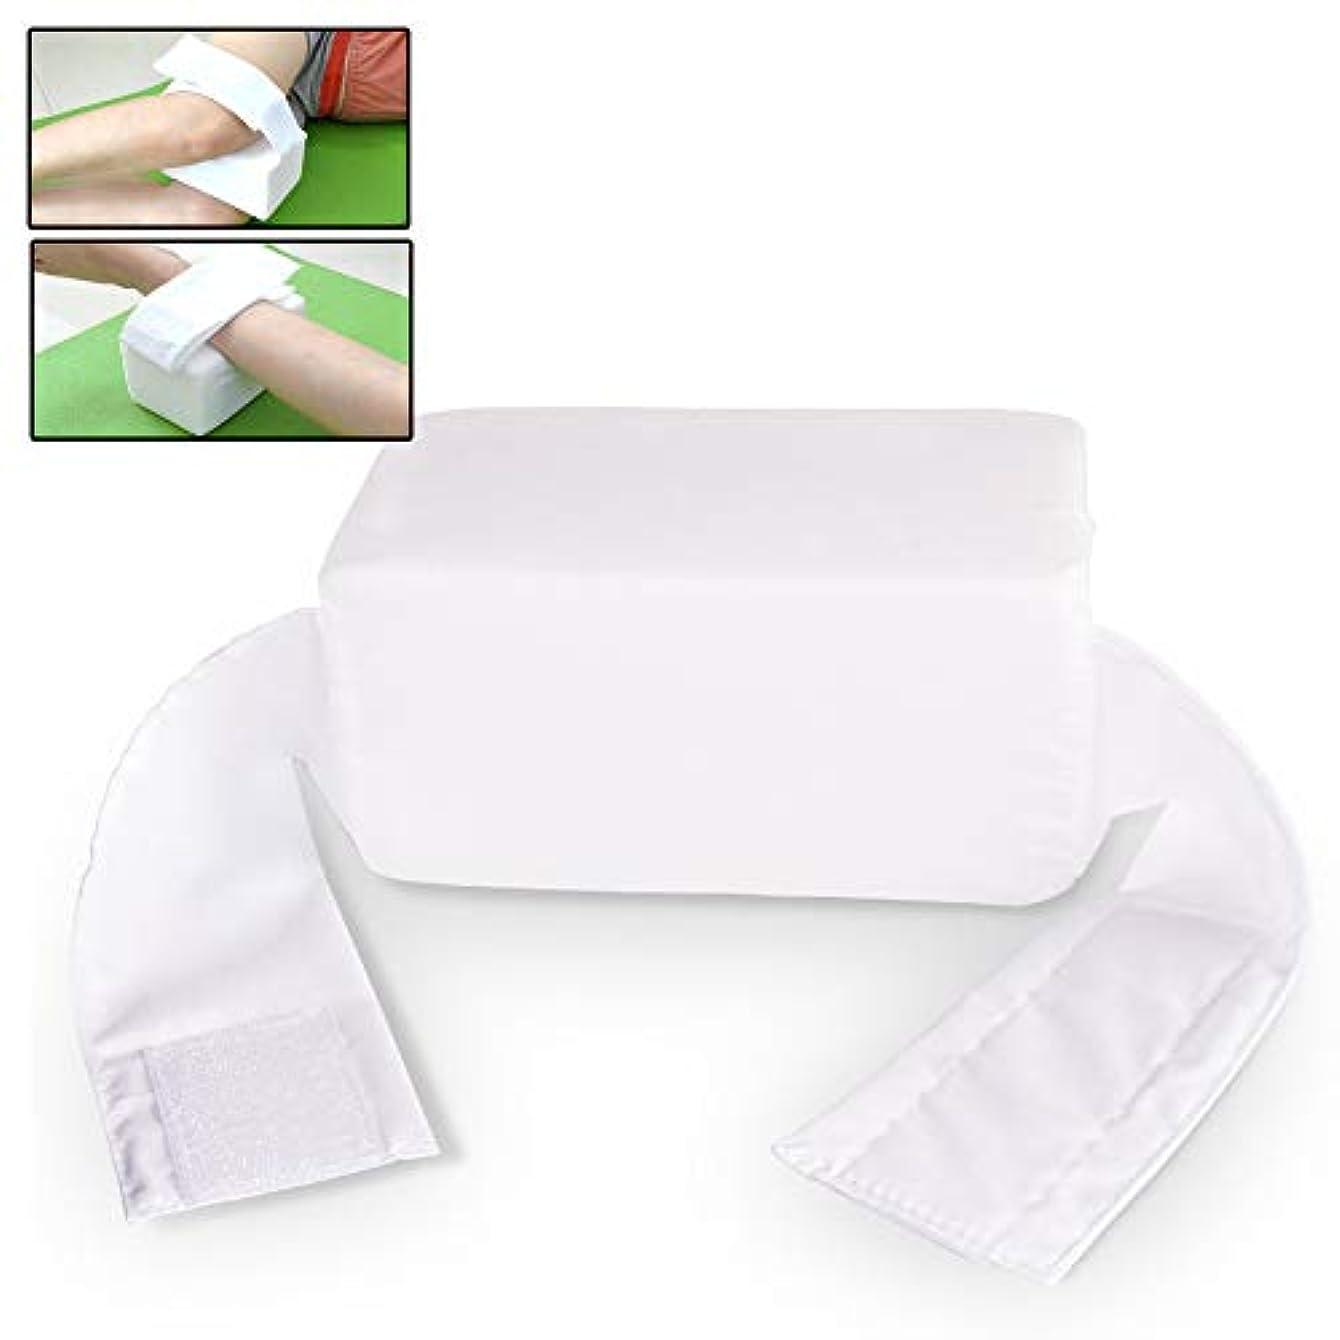 ブーム天皇メンター調節可能なストラップ付きの多機能抗床ずれ膝枕 -サイドスリーパー、坐骨神経痛、妊娠と関節痛のためのくさびスポンジ枕